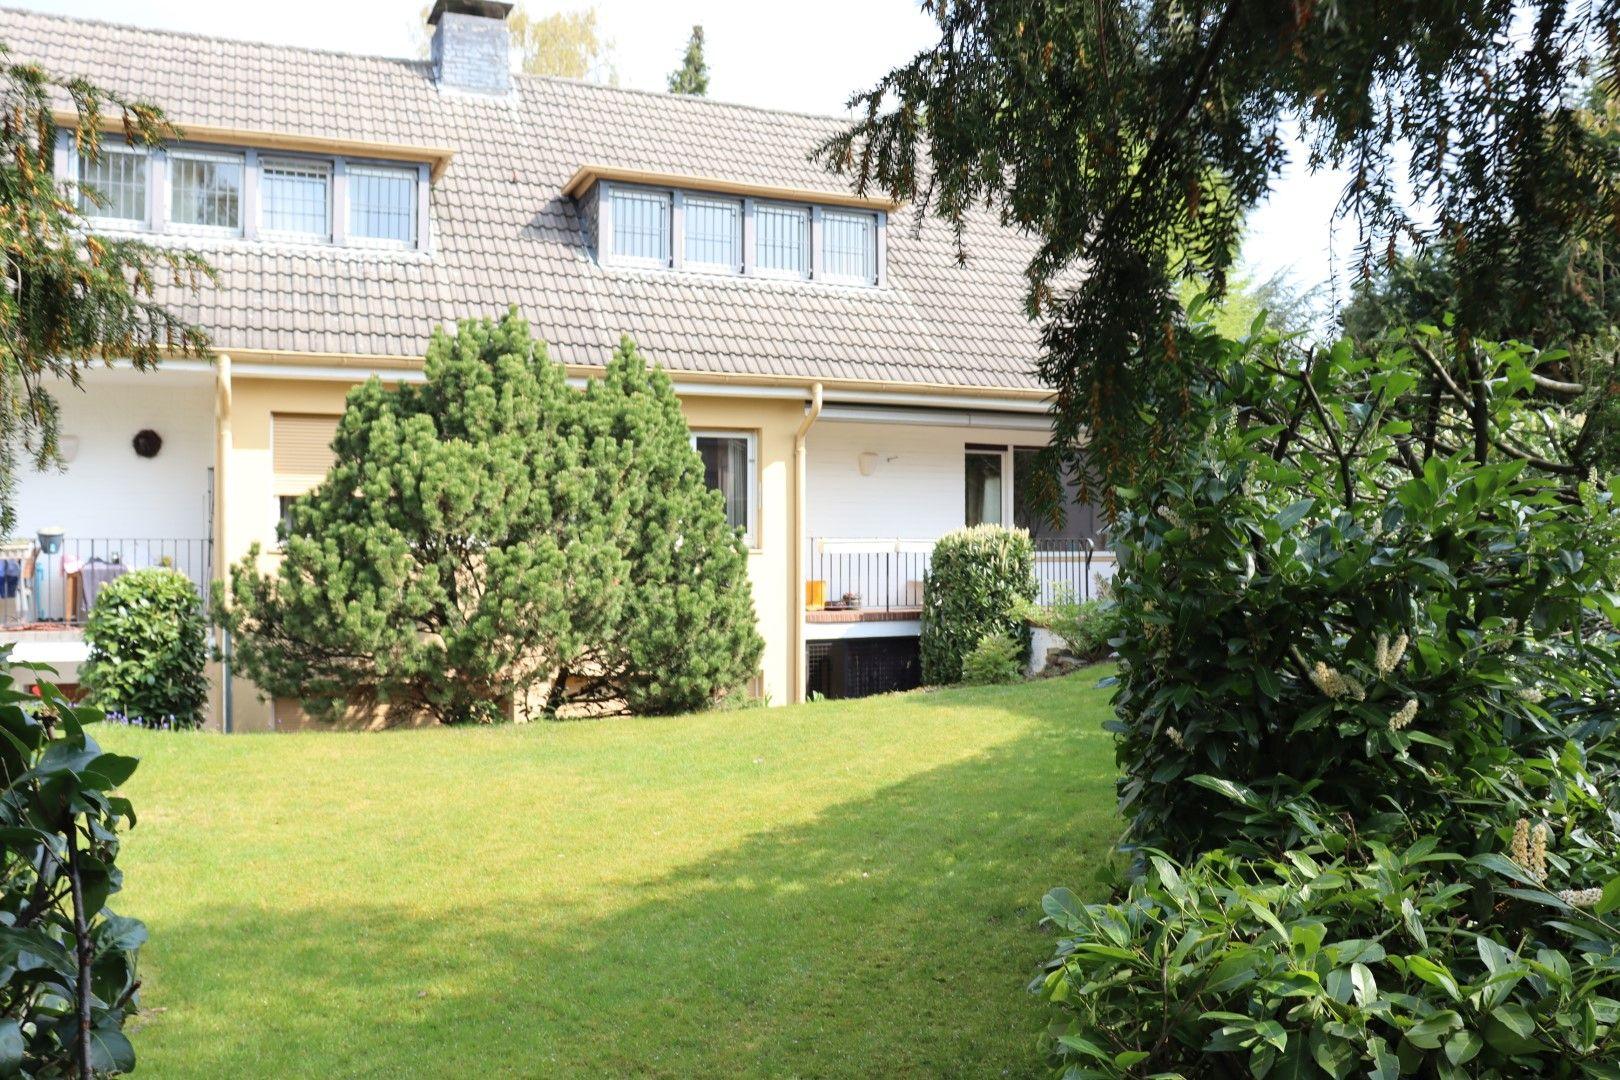 Immobilie Nr.0296 - Grundstück mit 2 DHH und 2 Garagen  - Bild main.jpg